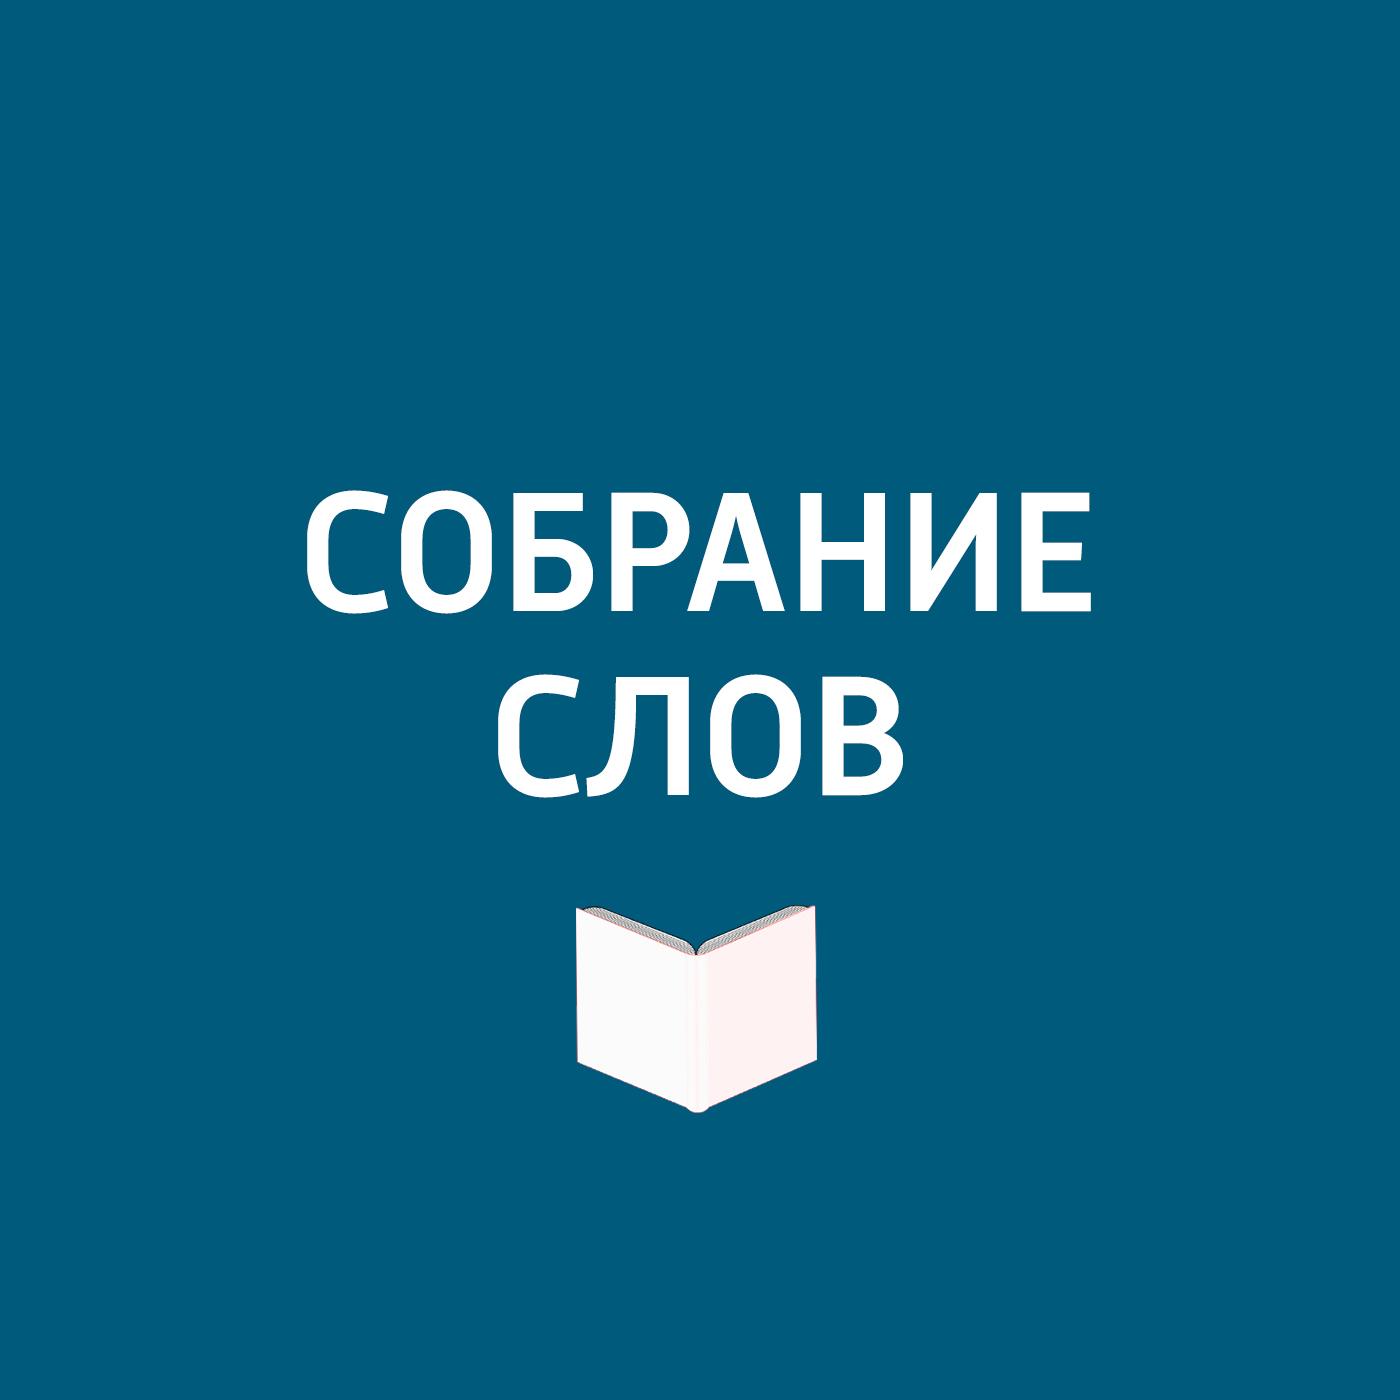 Творческий коллектив программы «Собрание слов» Большое интервью Дмитрия Назарова